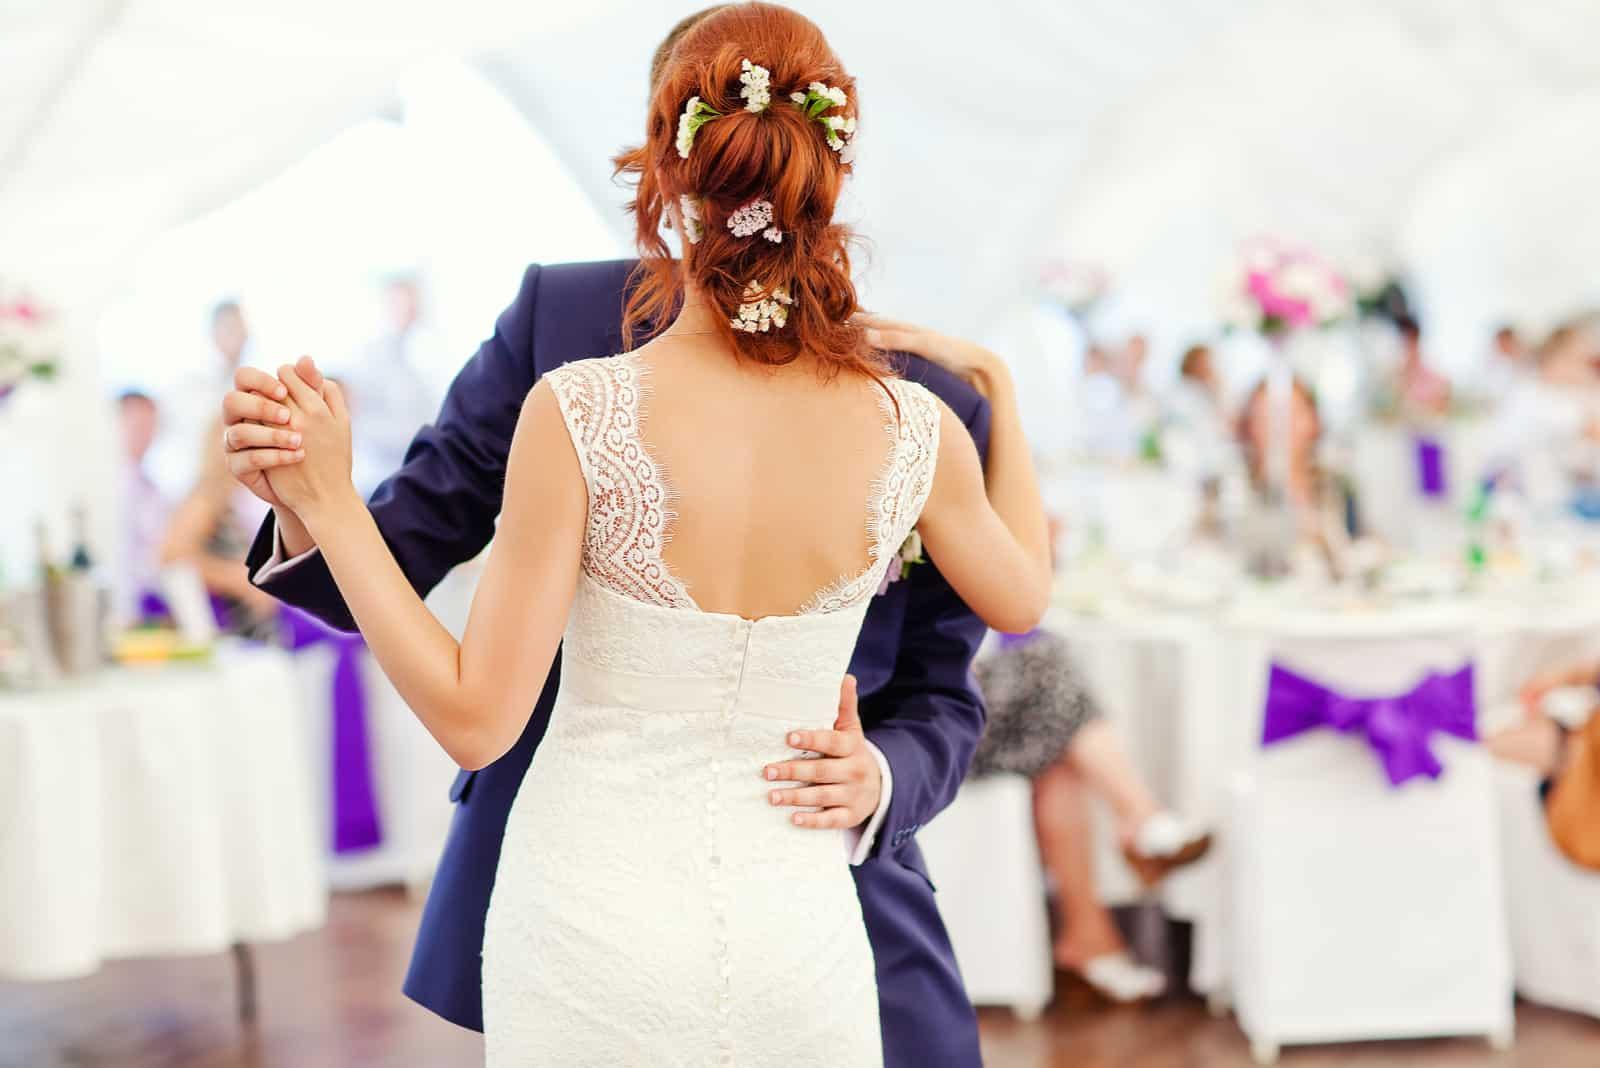 Braut und Bräutigam tanzen bei der Hochzeit